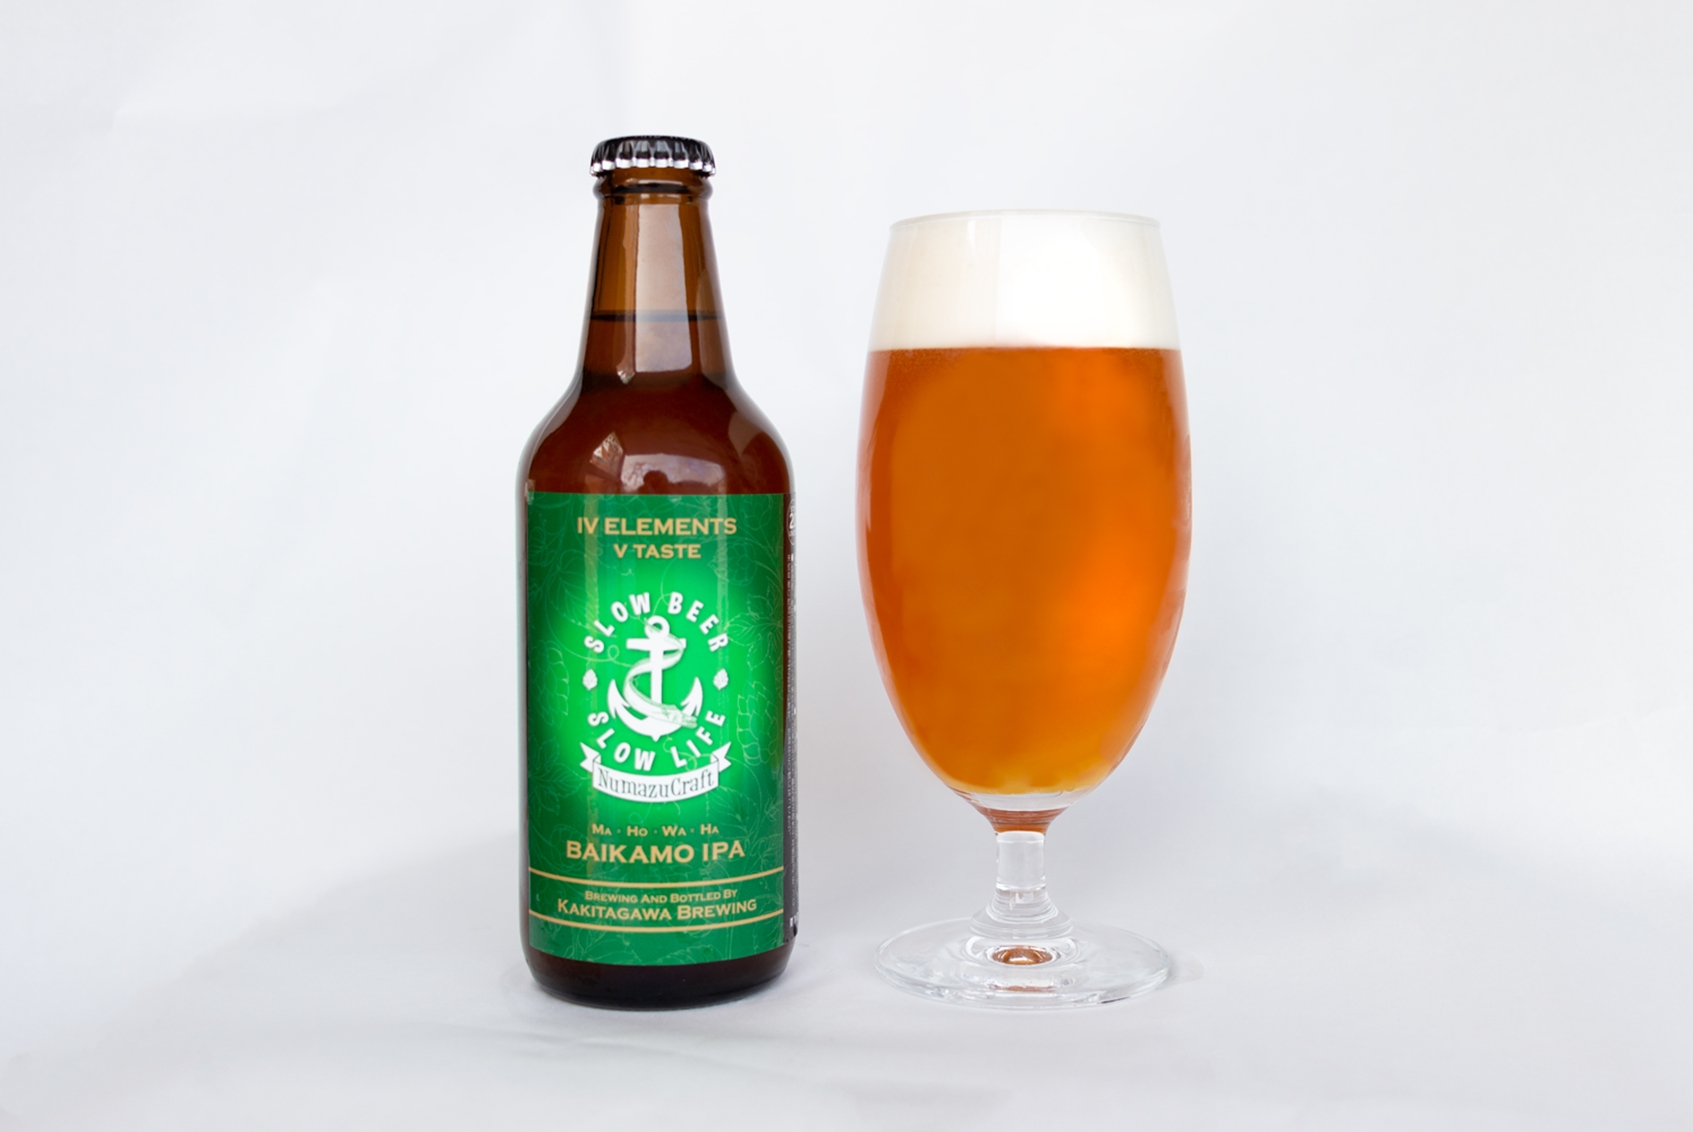 【DREAMBEERで飲めるビール】花のような香りと程よい苦味、コクのある味わいが特徴の『バイカモIPA』